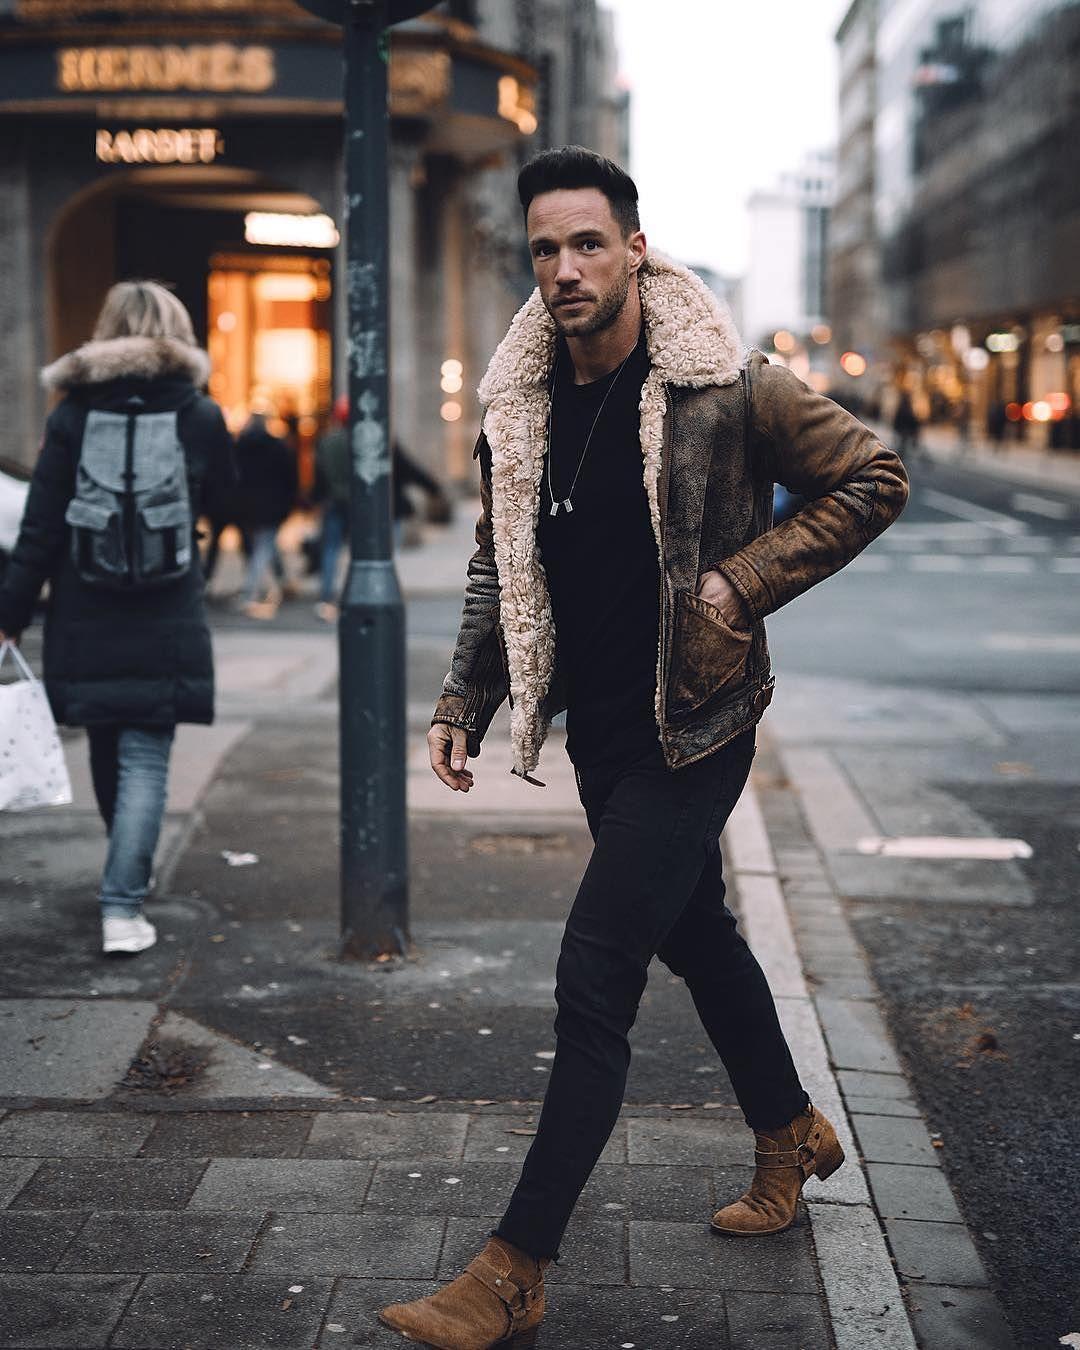 событие видели как одеваются стильные мужчины зимой фото сейфы